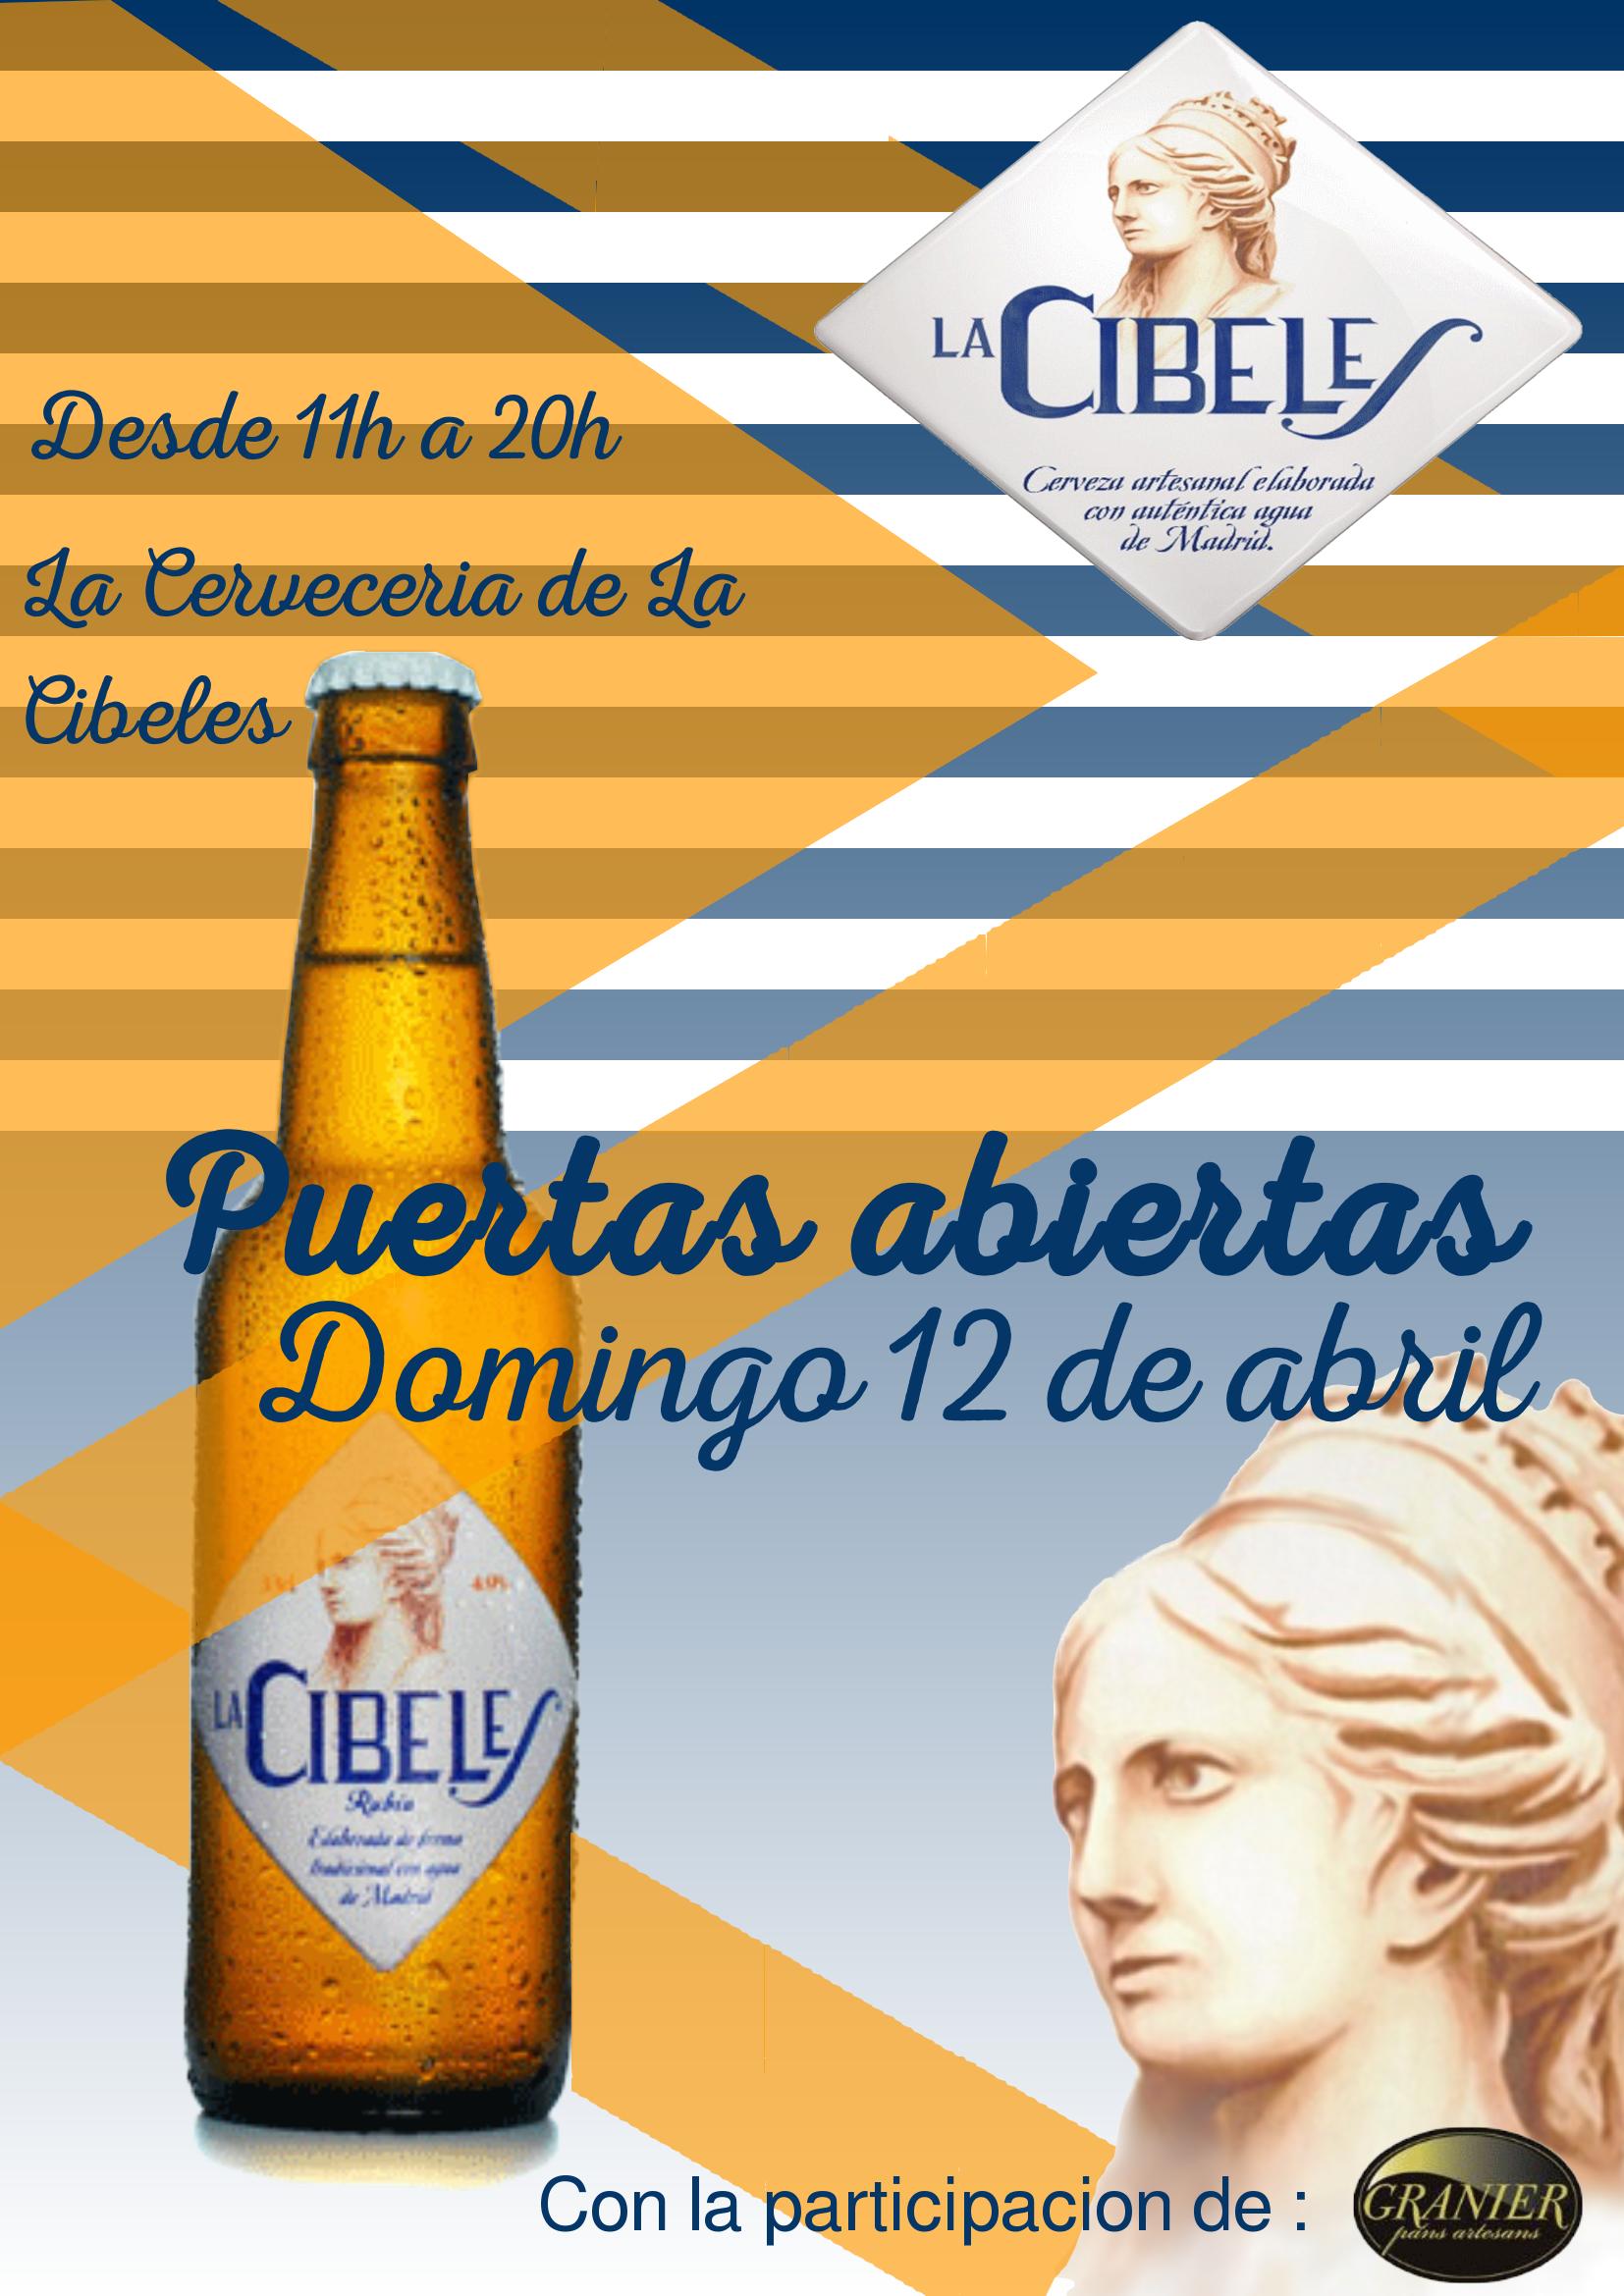 La Cibeles (studies) - 2015